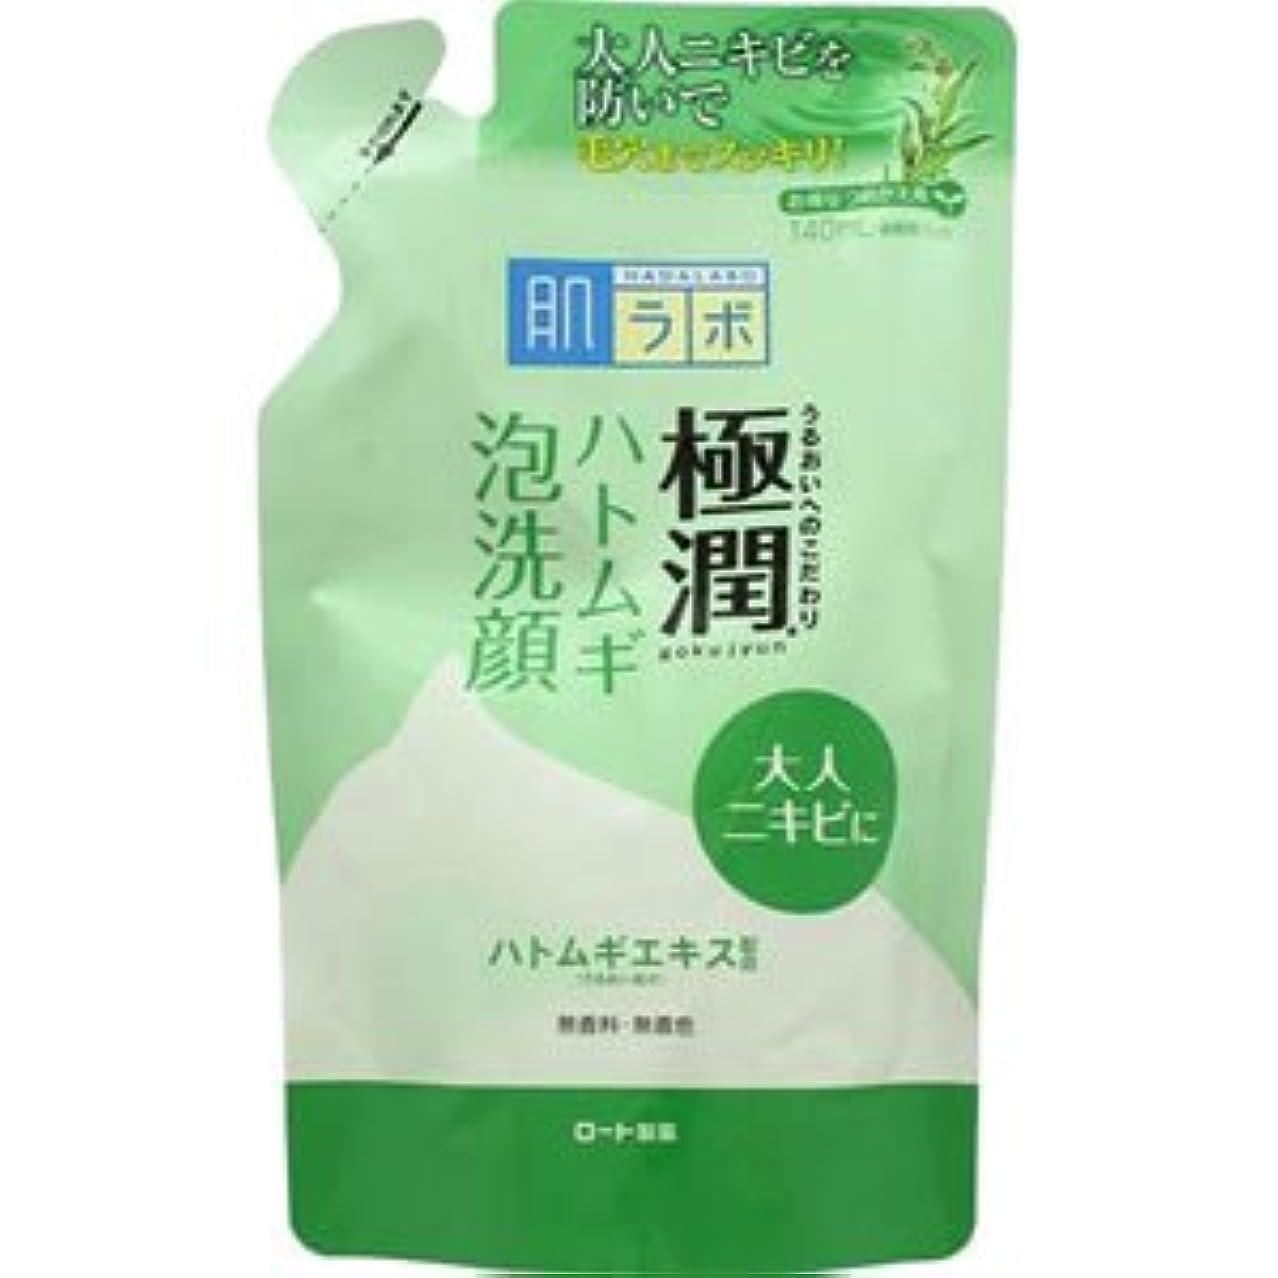 うま評決絶妙(ロート製薬)肌研 極潤ハトムギ泡洗顔 140ml(つめかえ用)(お買い得3個セット)